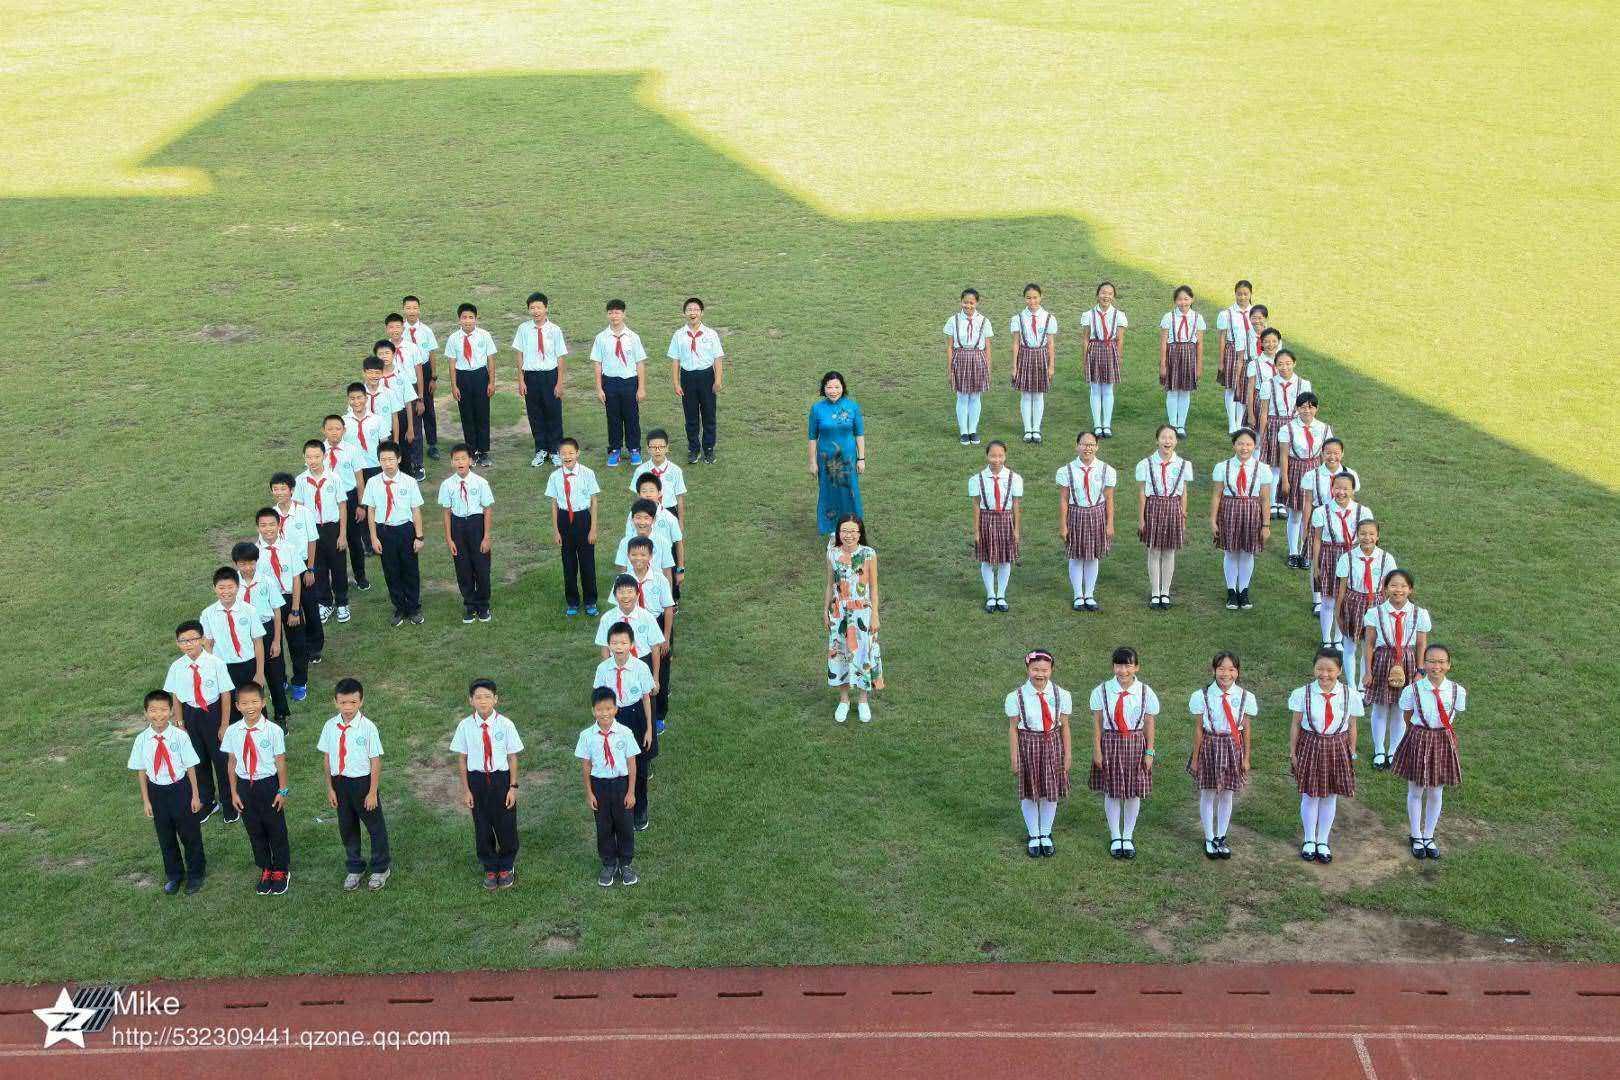 3,学习小组照(每个小组1张)  4,学生个人照(每个人1张) 5,男生集体照图片